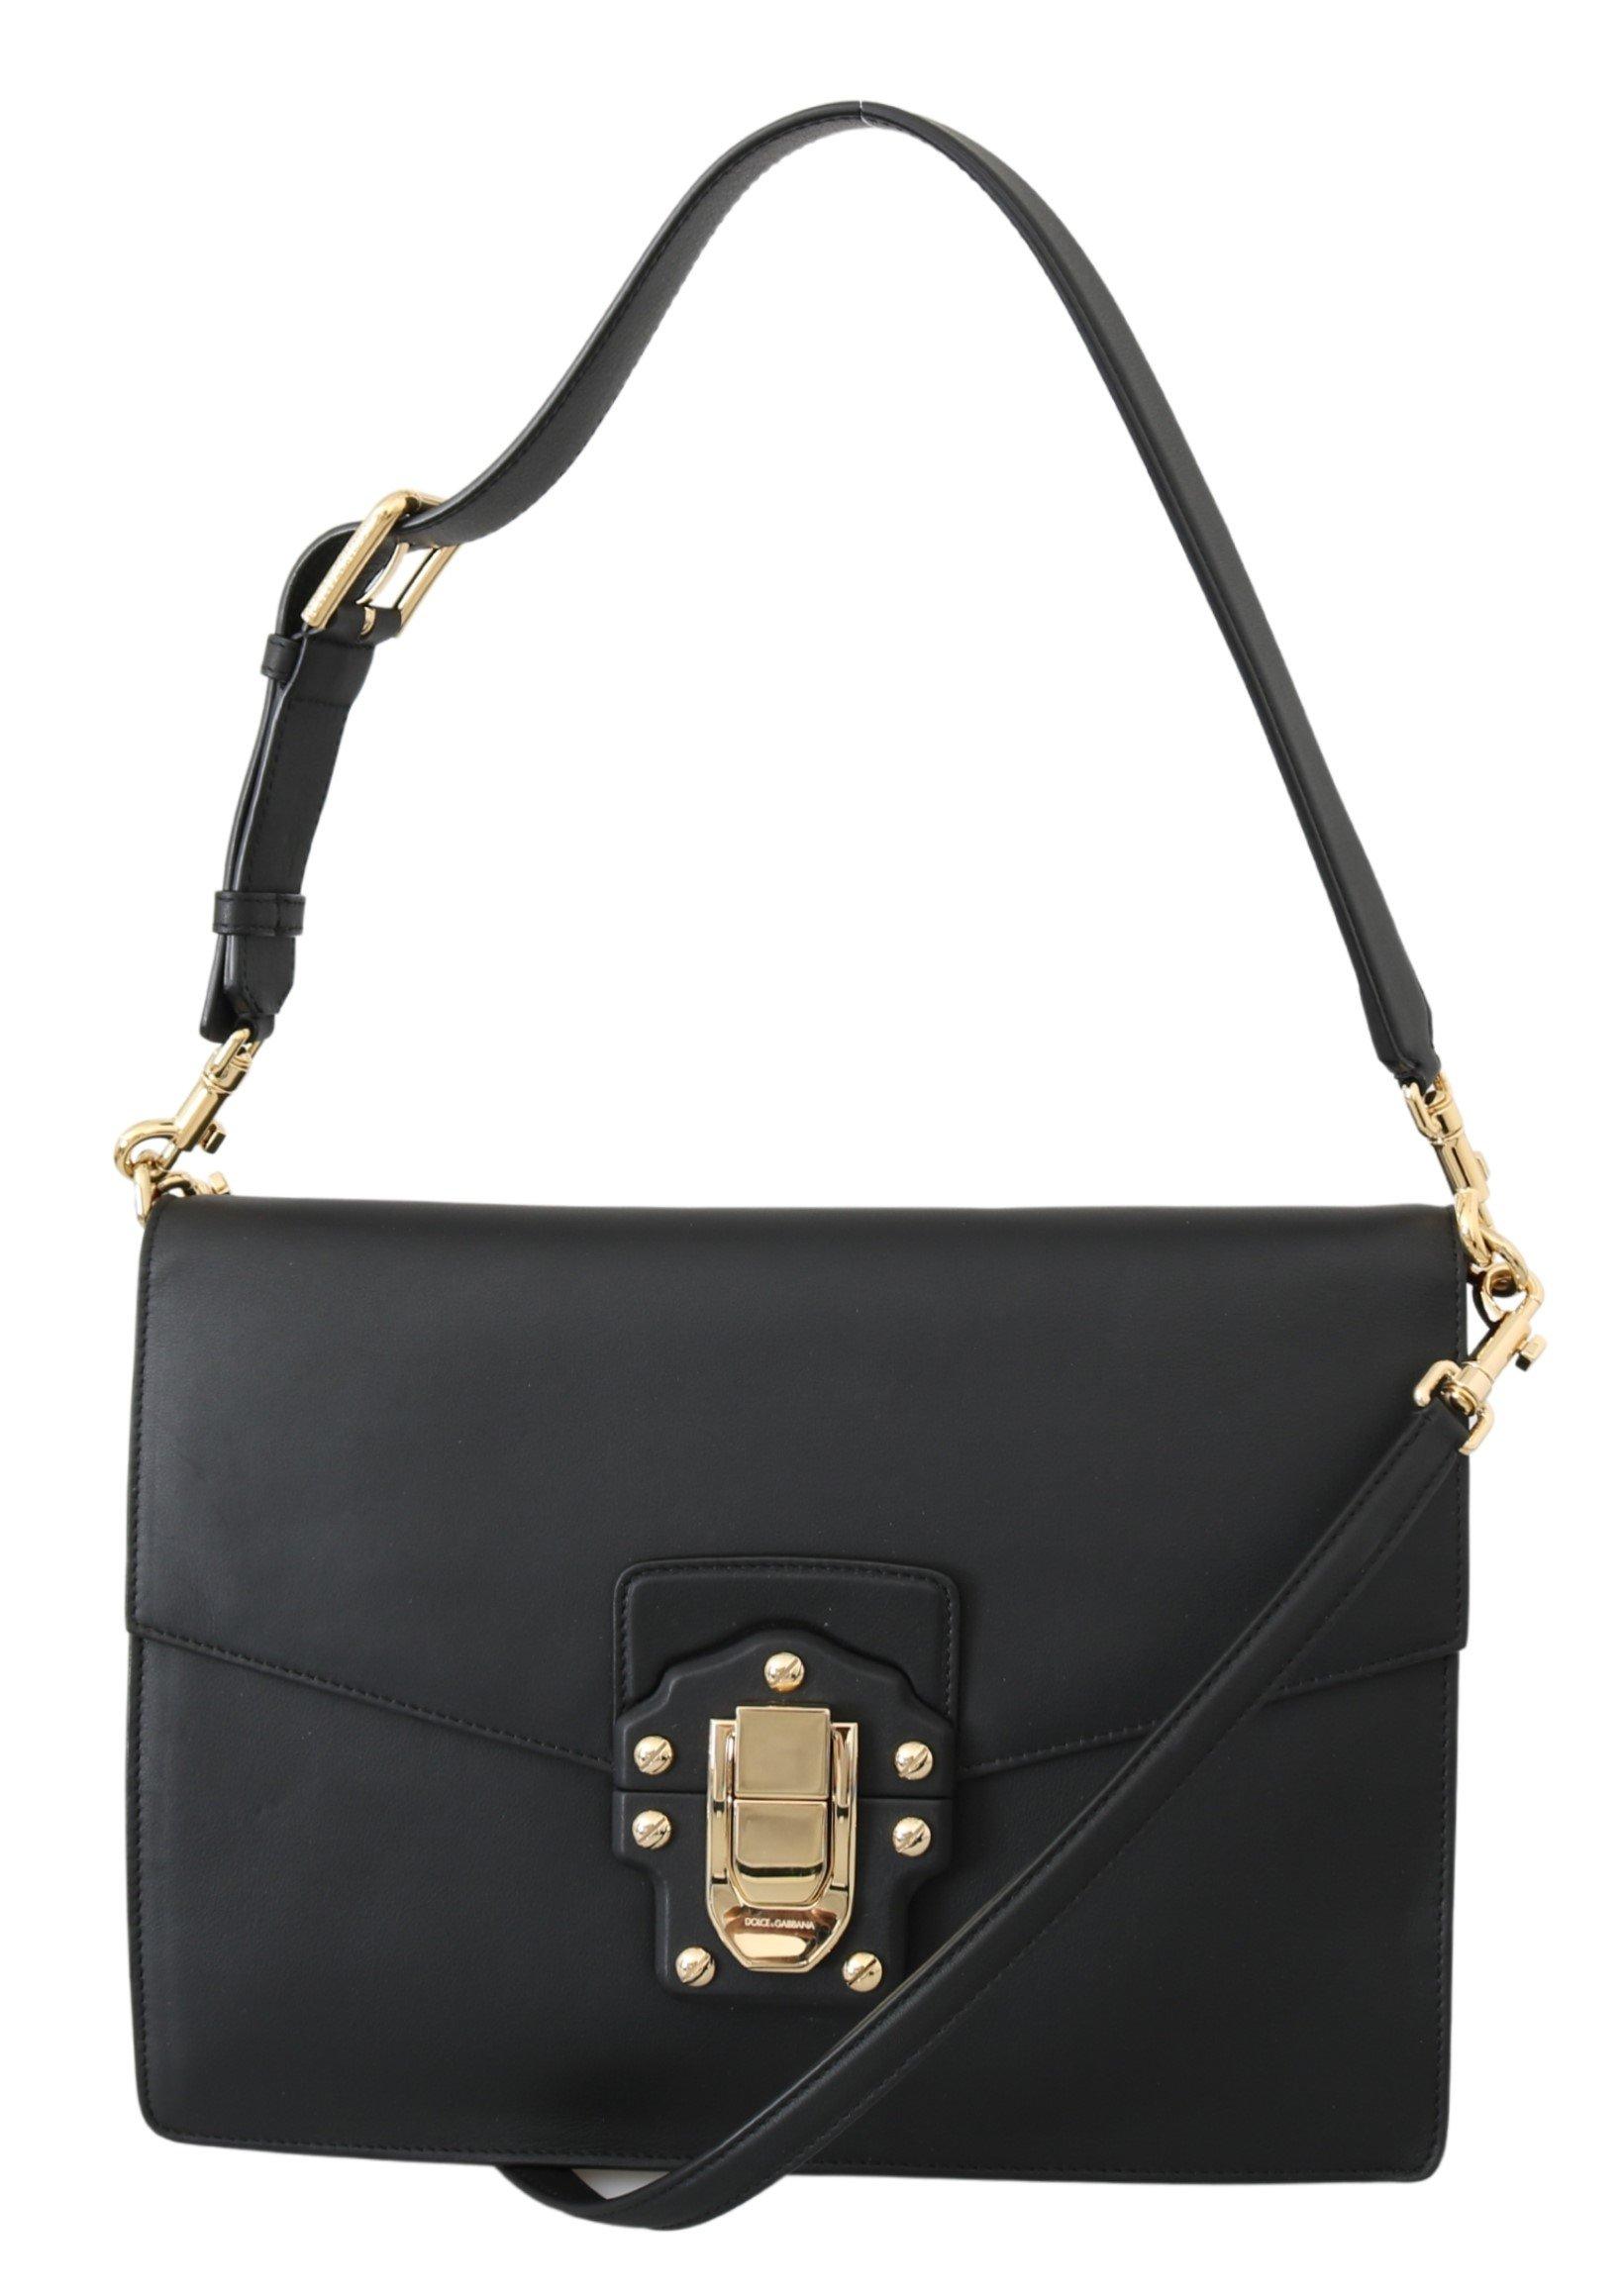 Dolce & Gabbana Women's Lucia Sling Leather Shoulder Bag Black VAS10040